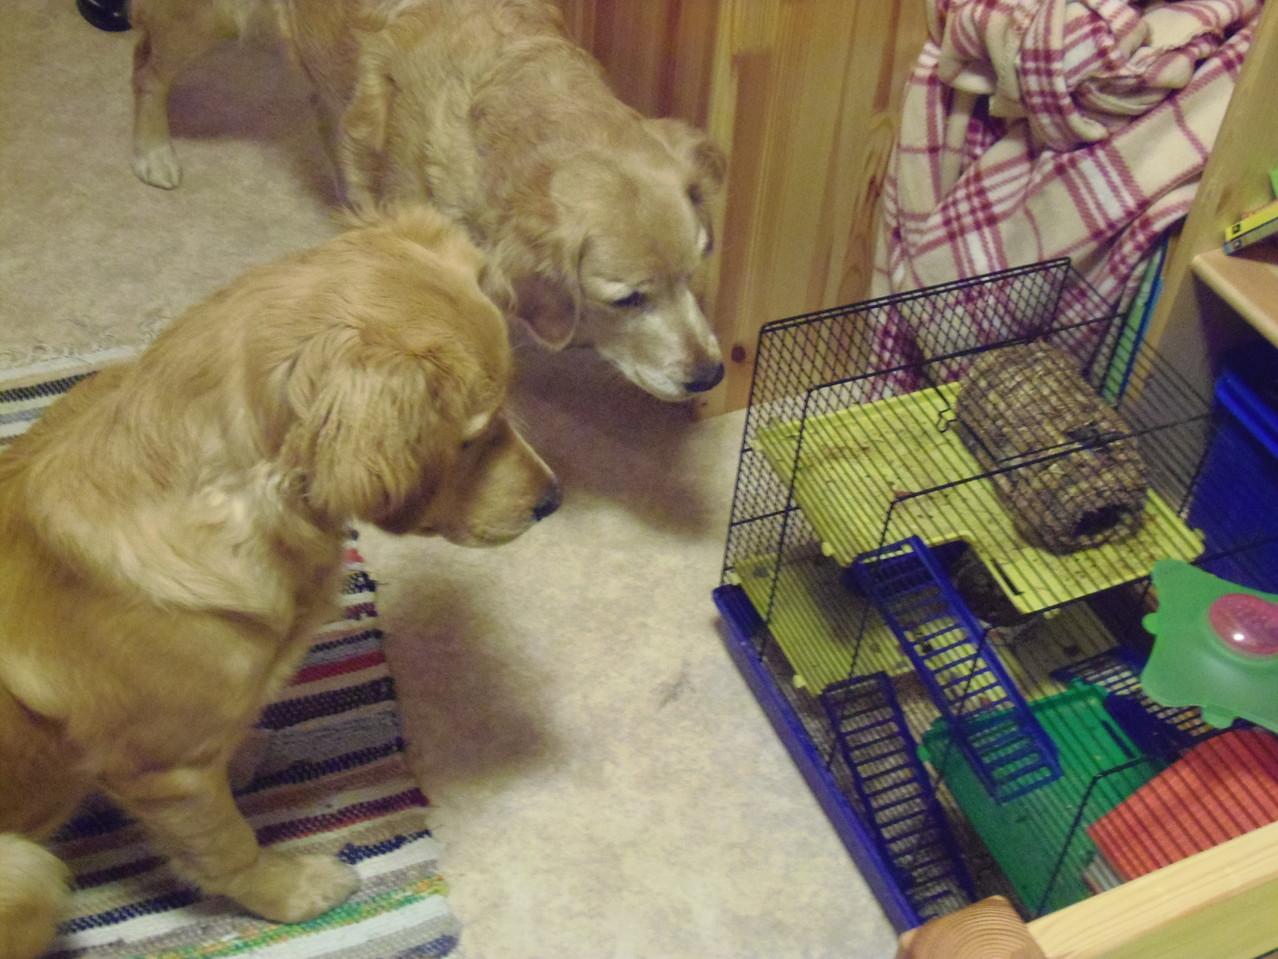 Der kleine Hamster fasziniert